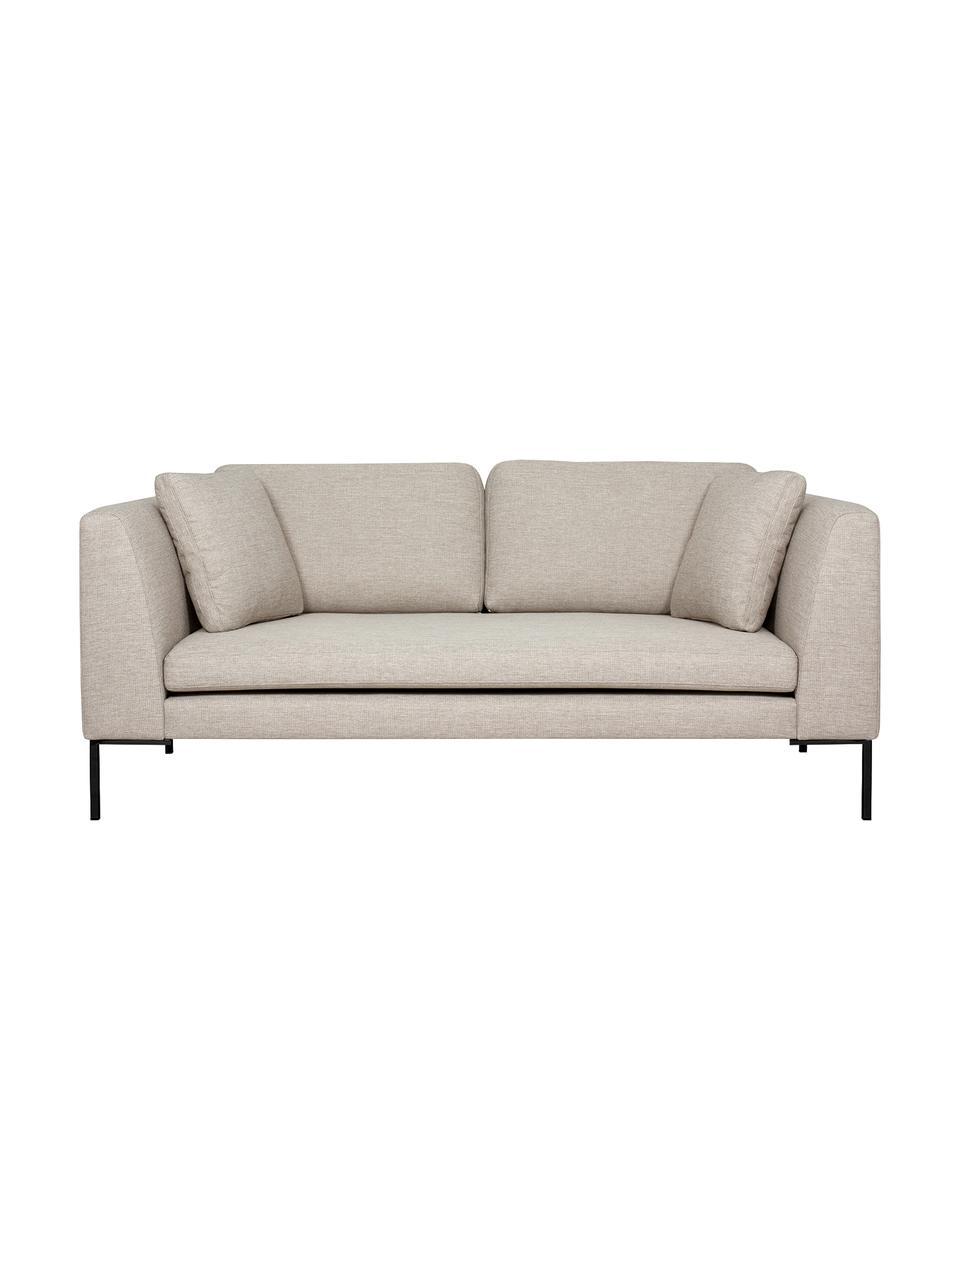 Sofa Emma (2-Sitzer) in Beige mit Metall-Füßen, Bezug: Polyester 100.000 Scheuer, Gestell: Massives Kiefernholz, Füße: Metall, pulverbeschichtet, Webstoff Beige, Füße Schwarz, B 194 x T 100 cm